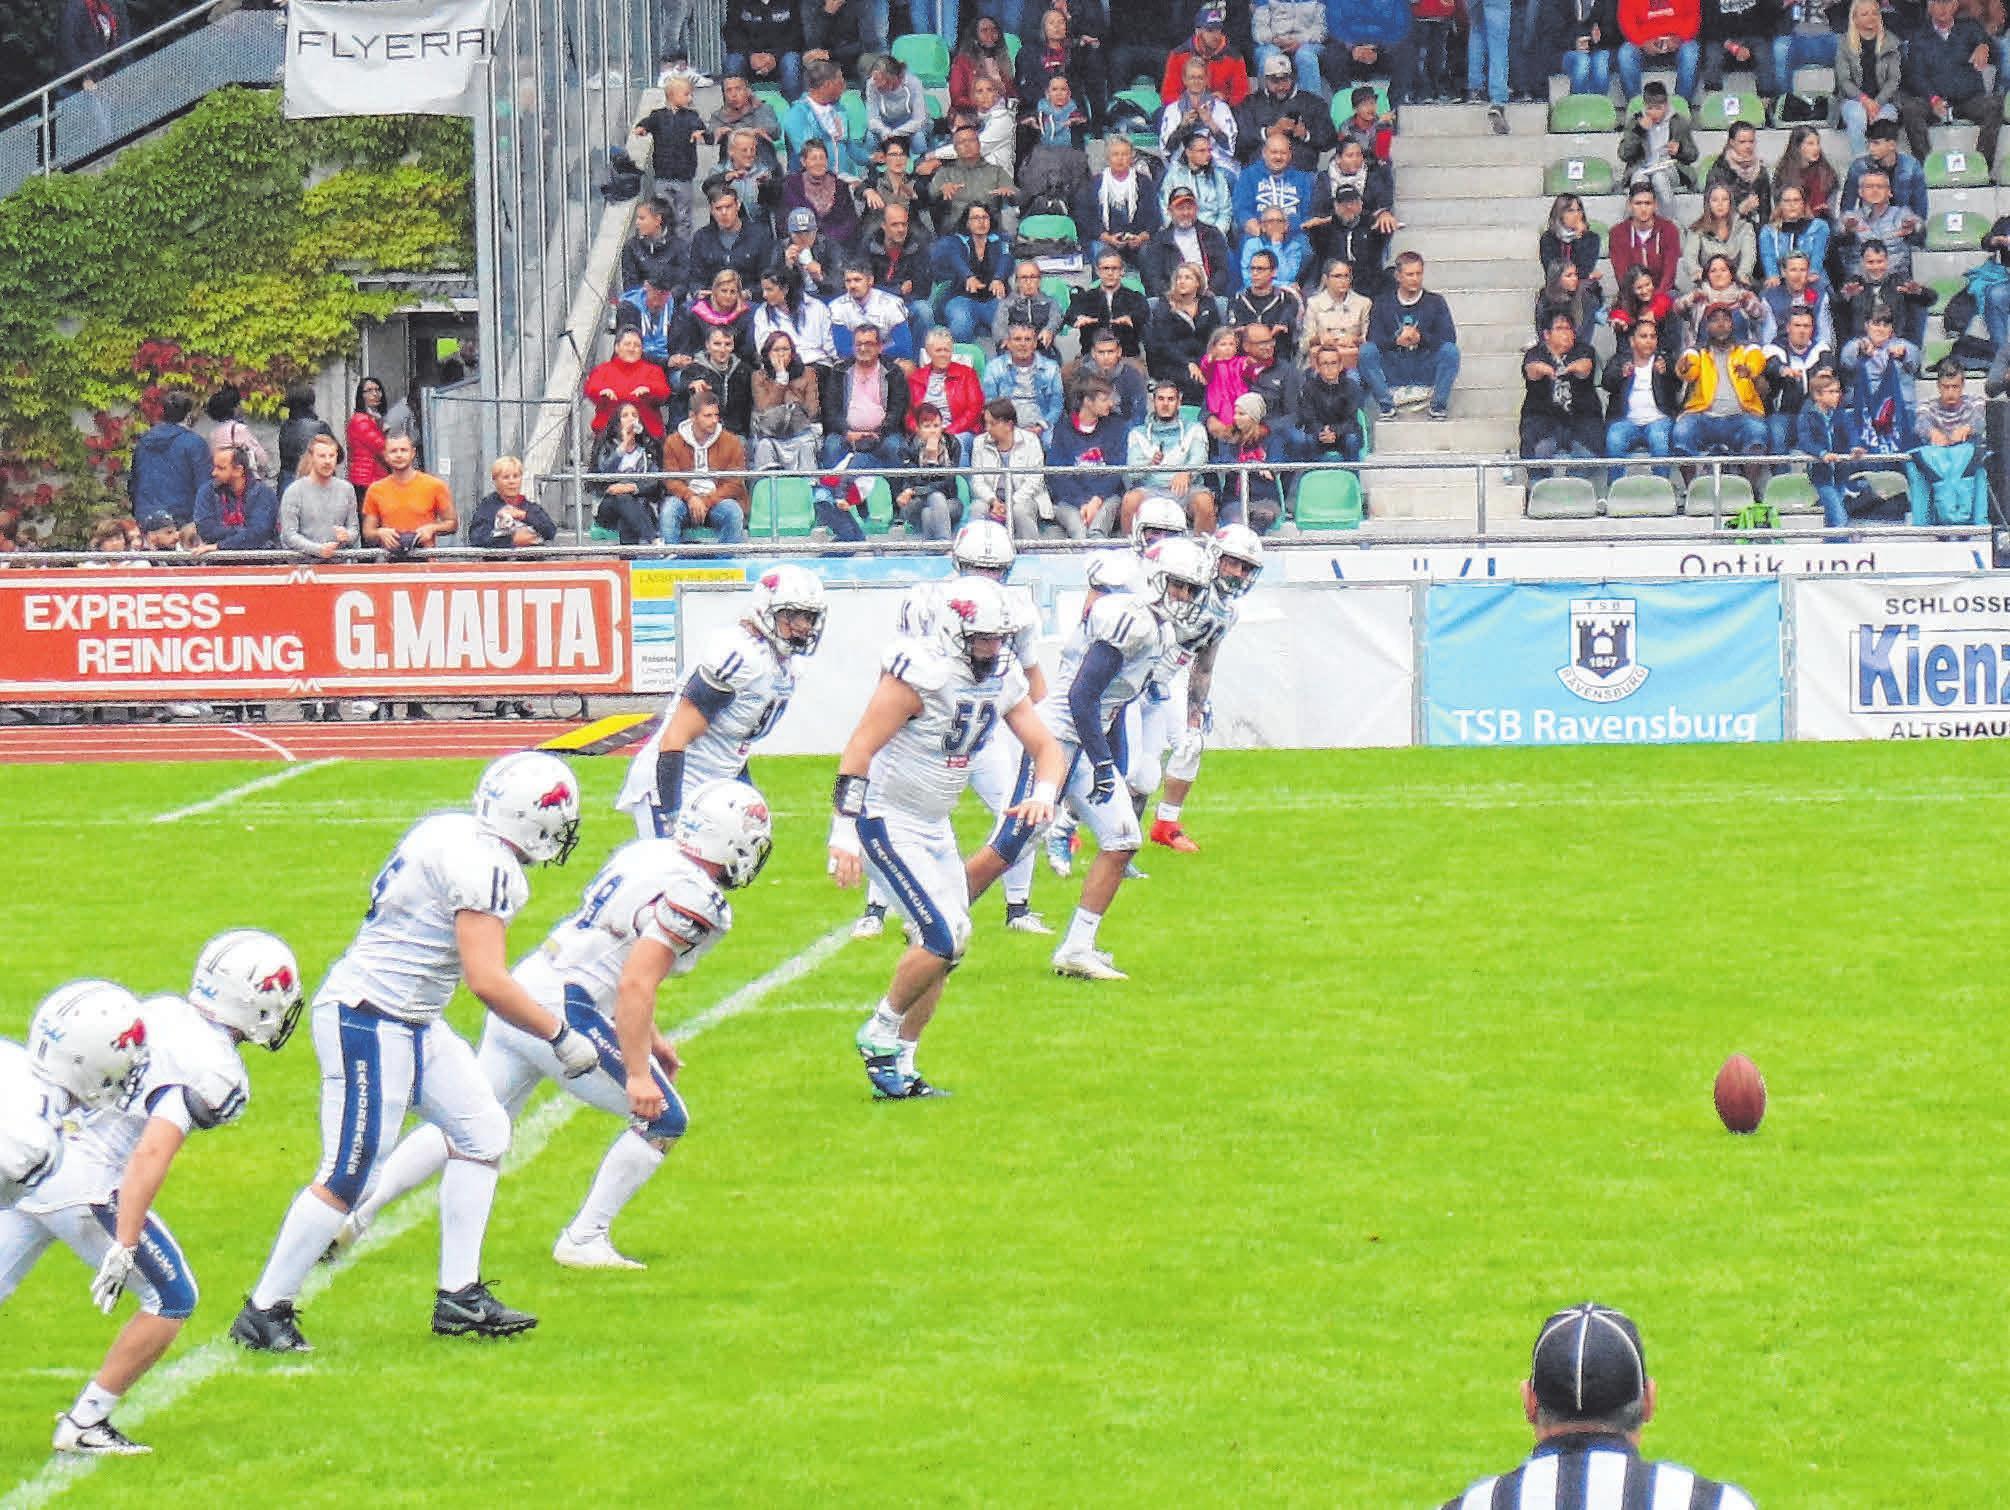 Mit sehr guten Spielern sind Ravensburg Razorbacks in die Saison gestartet. Die ersten beiden Spiele haben sie bereits gewonnen. Fotos: Stefanie Rebhan